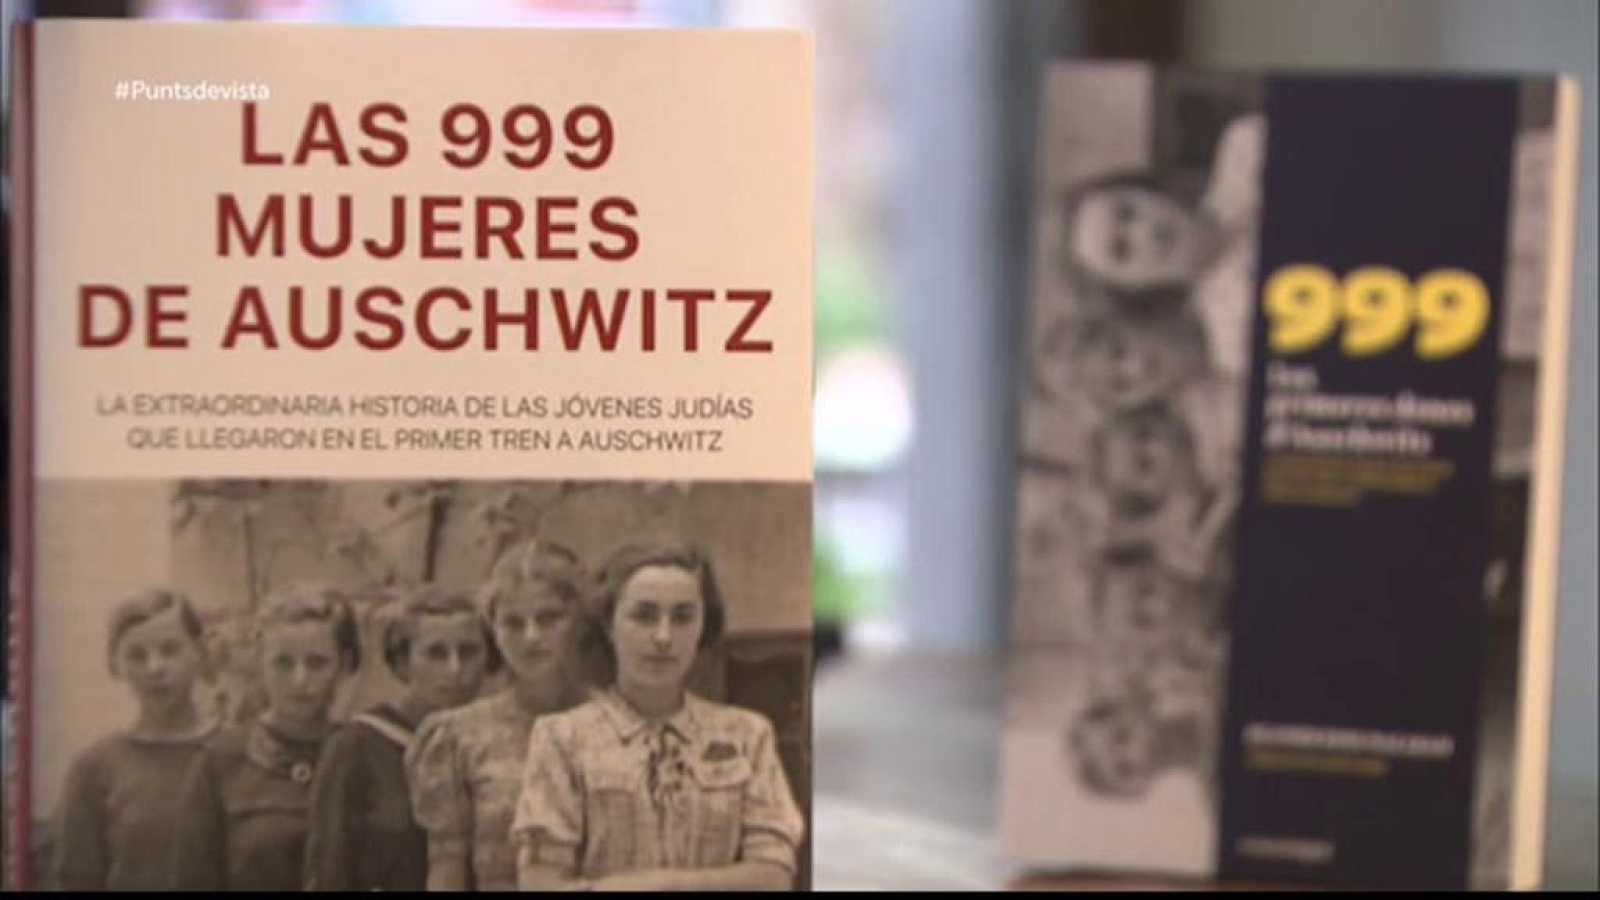 Llibre '999. Les primeres dones d'Auschwitz' a Punts de vista